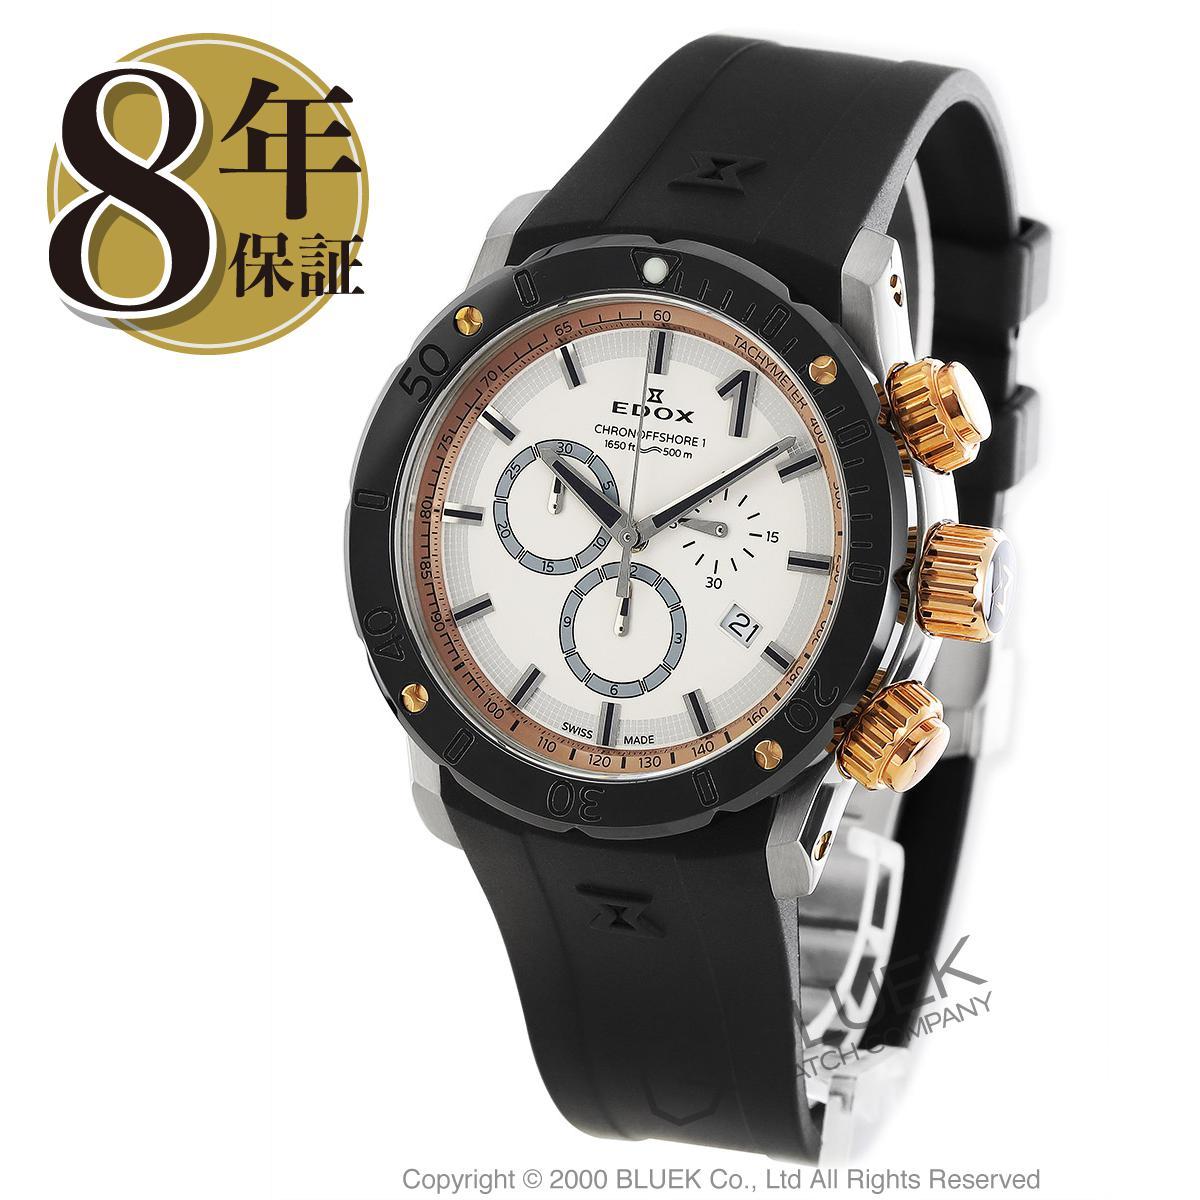 エドックス クロノオフショア1 クロノグラフ 500m防水 腕時計 メンズ EDOX 10221-357R-BINR_8